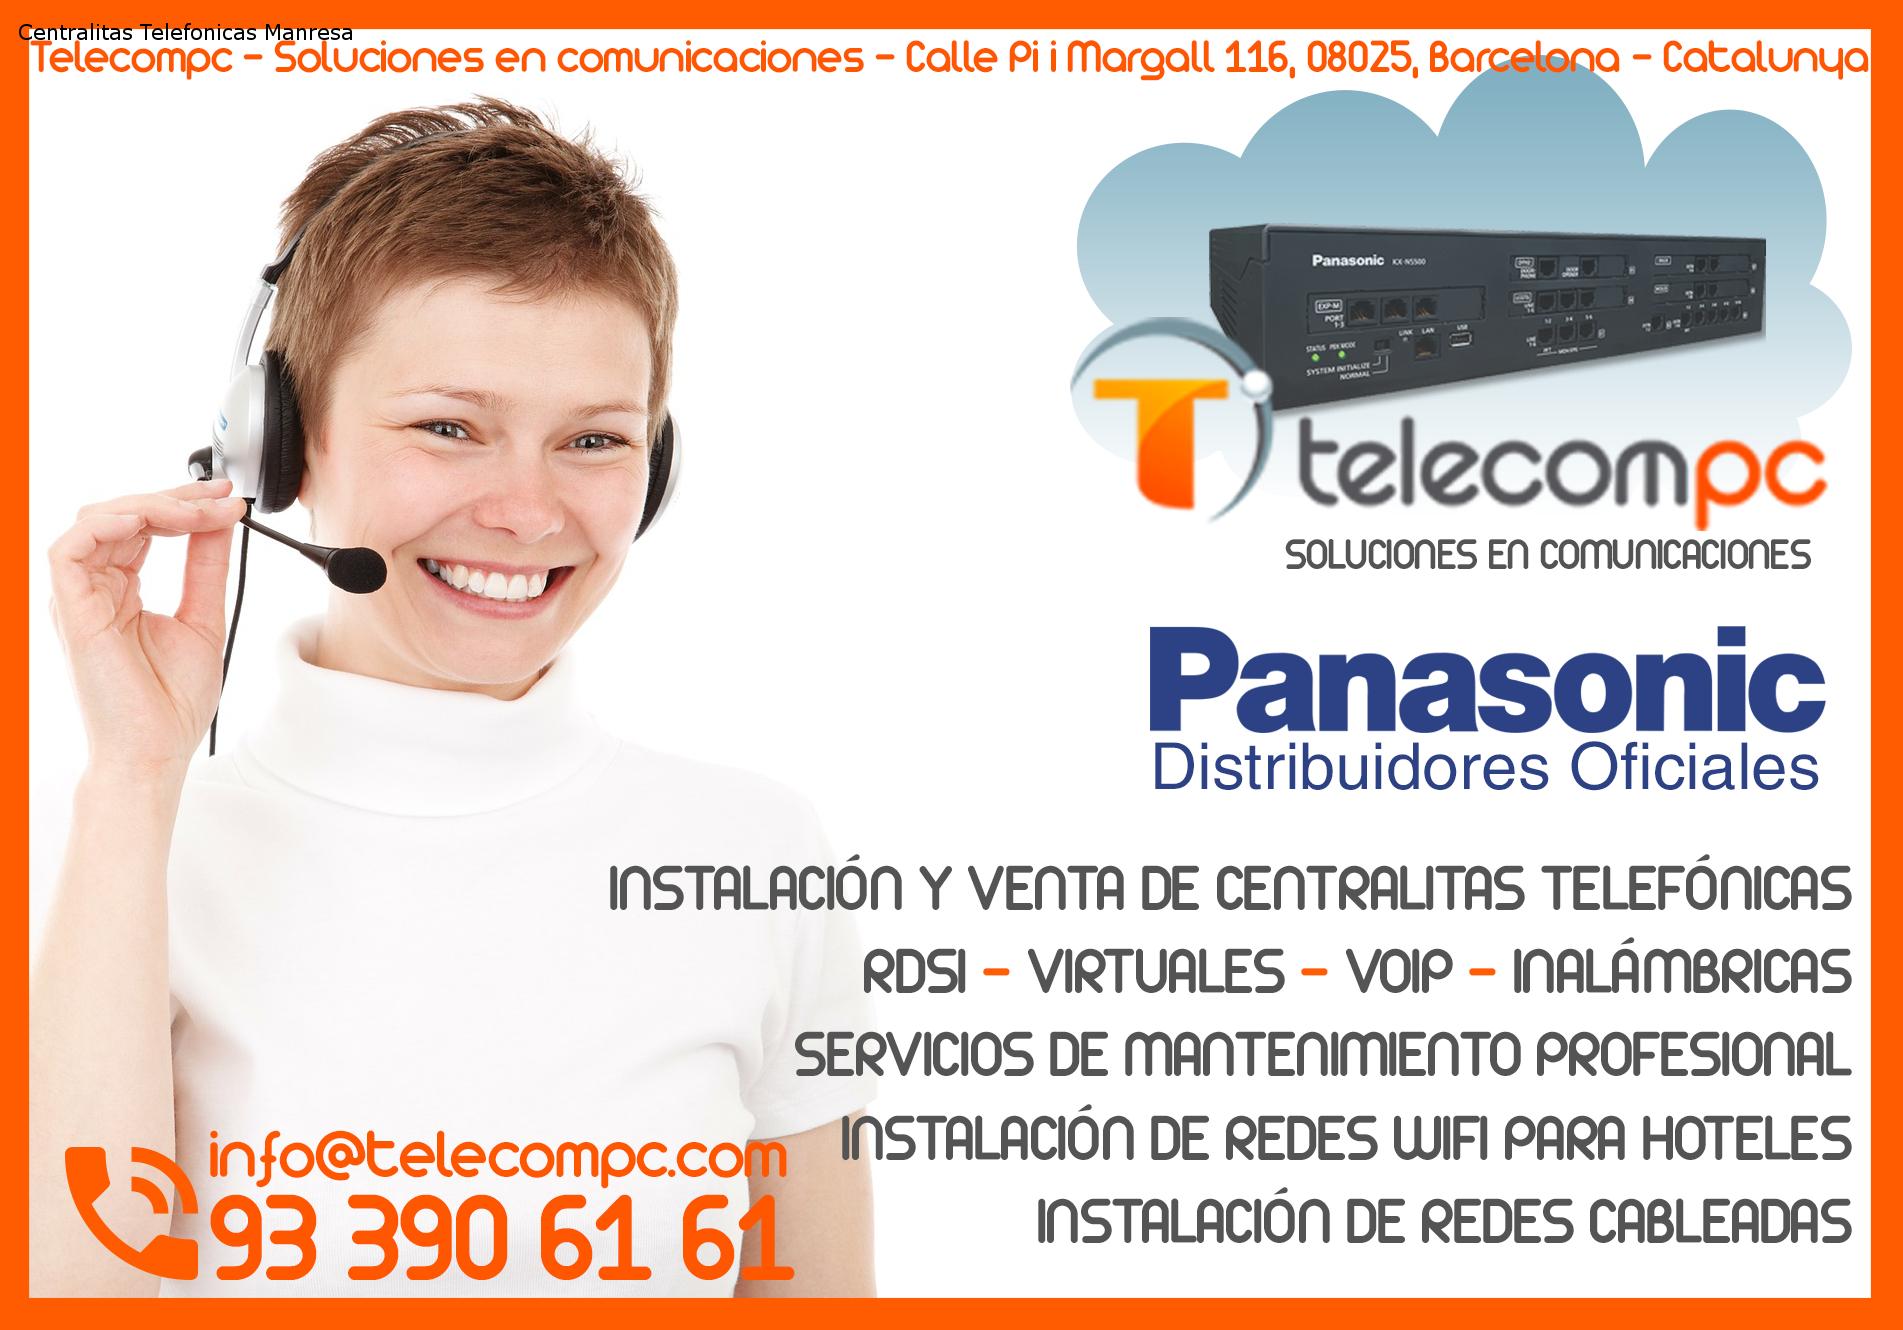 Centralitas Telefonicas Manresa